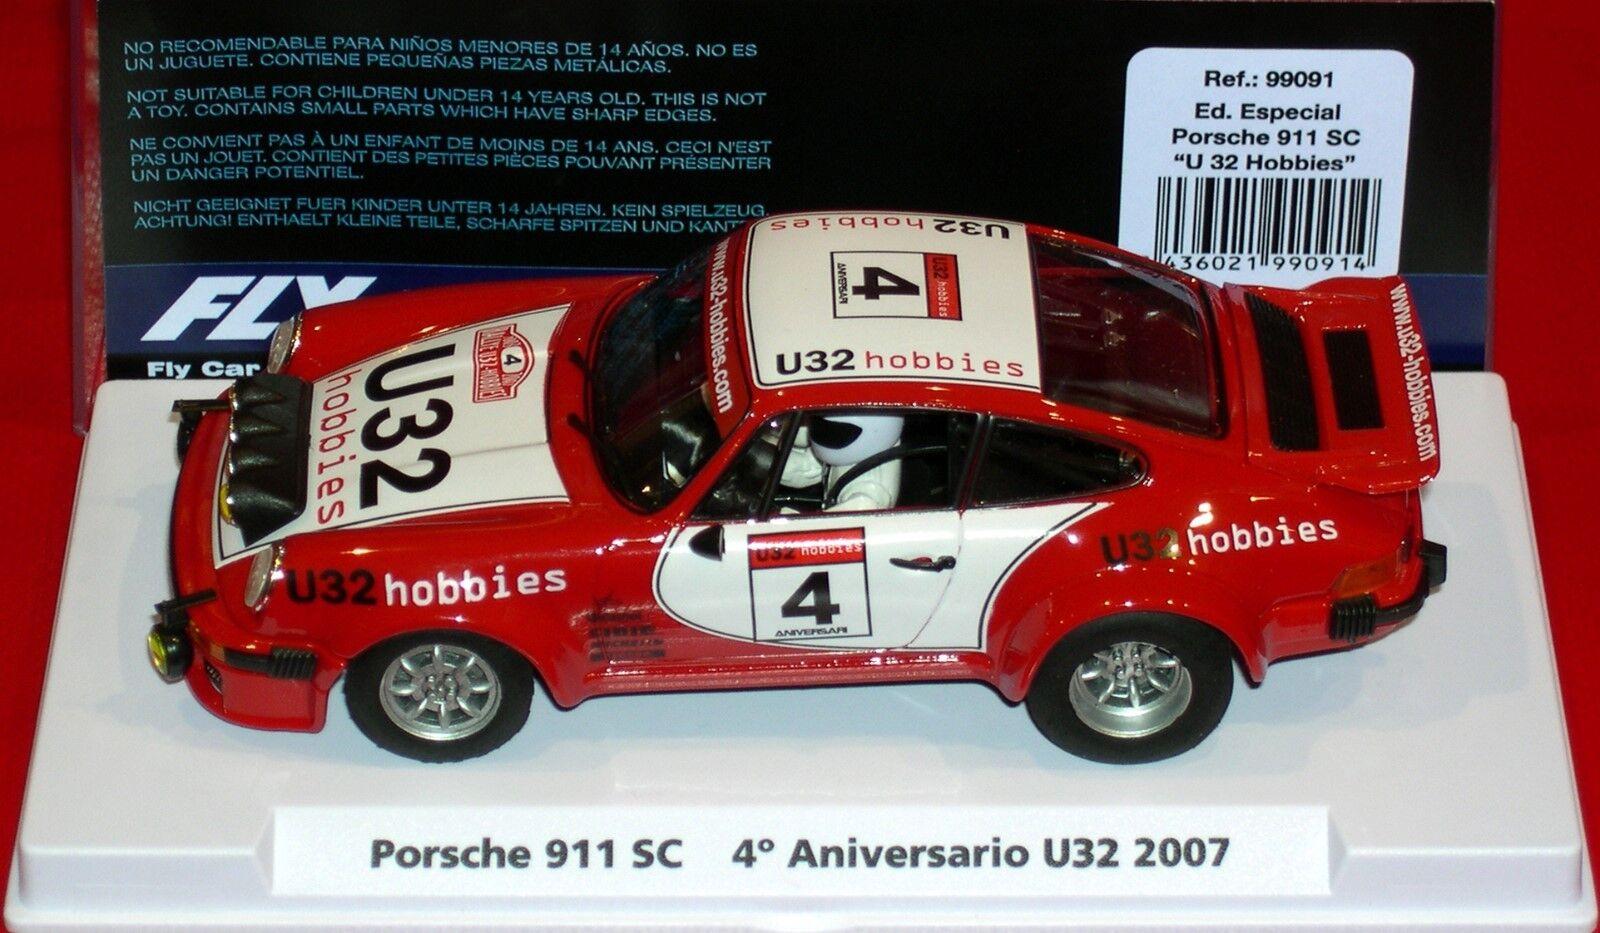 Qq 99091 FLY PORSCHE 911 SC U32 LOISIRS IV ANNIVERSAIRE 2007 EDITION LIMITÉE 300